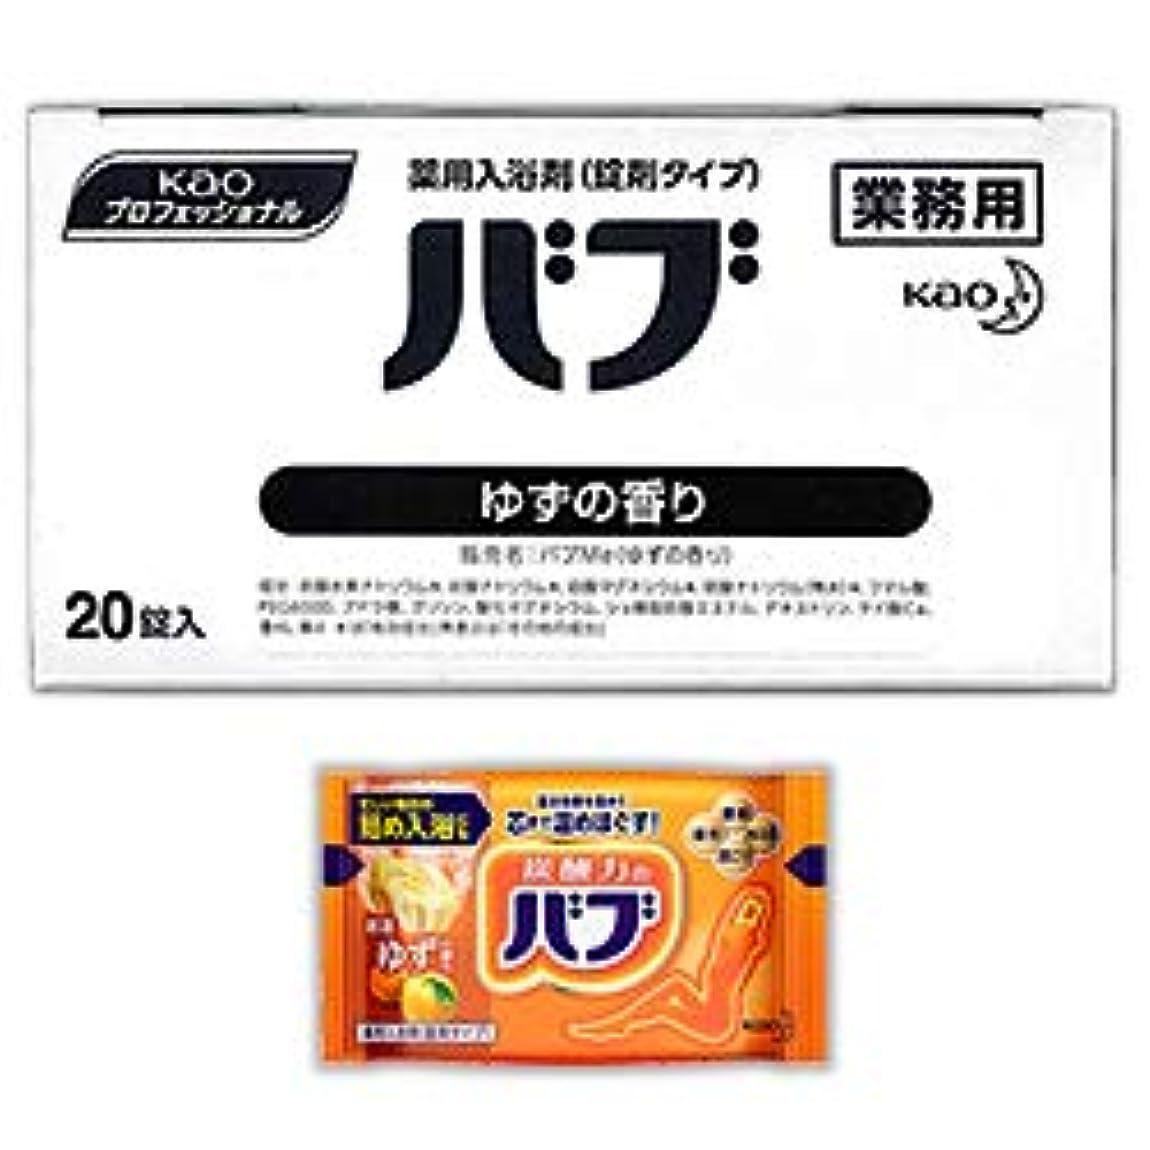 チラチラするタッチによると【花王】Kaoプロフェッショナル バブ ゆずの香り(業務用) 40g×20錠入 ×4個セット